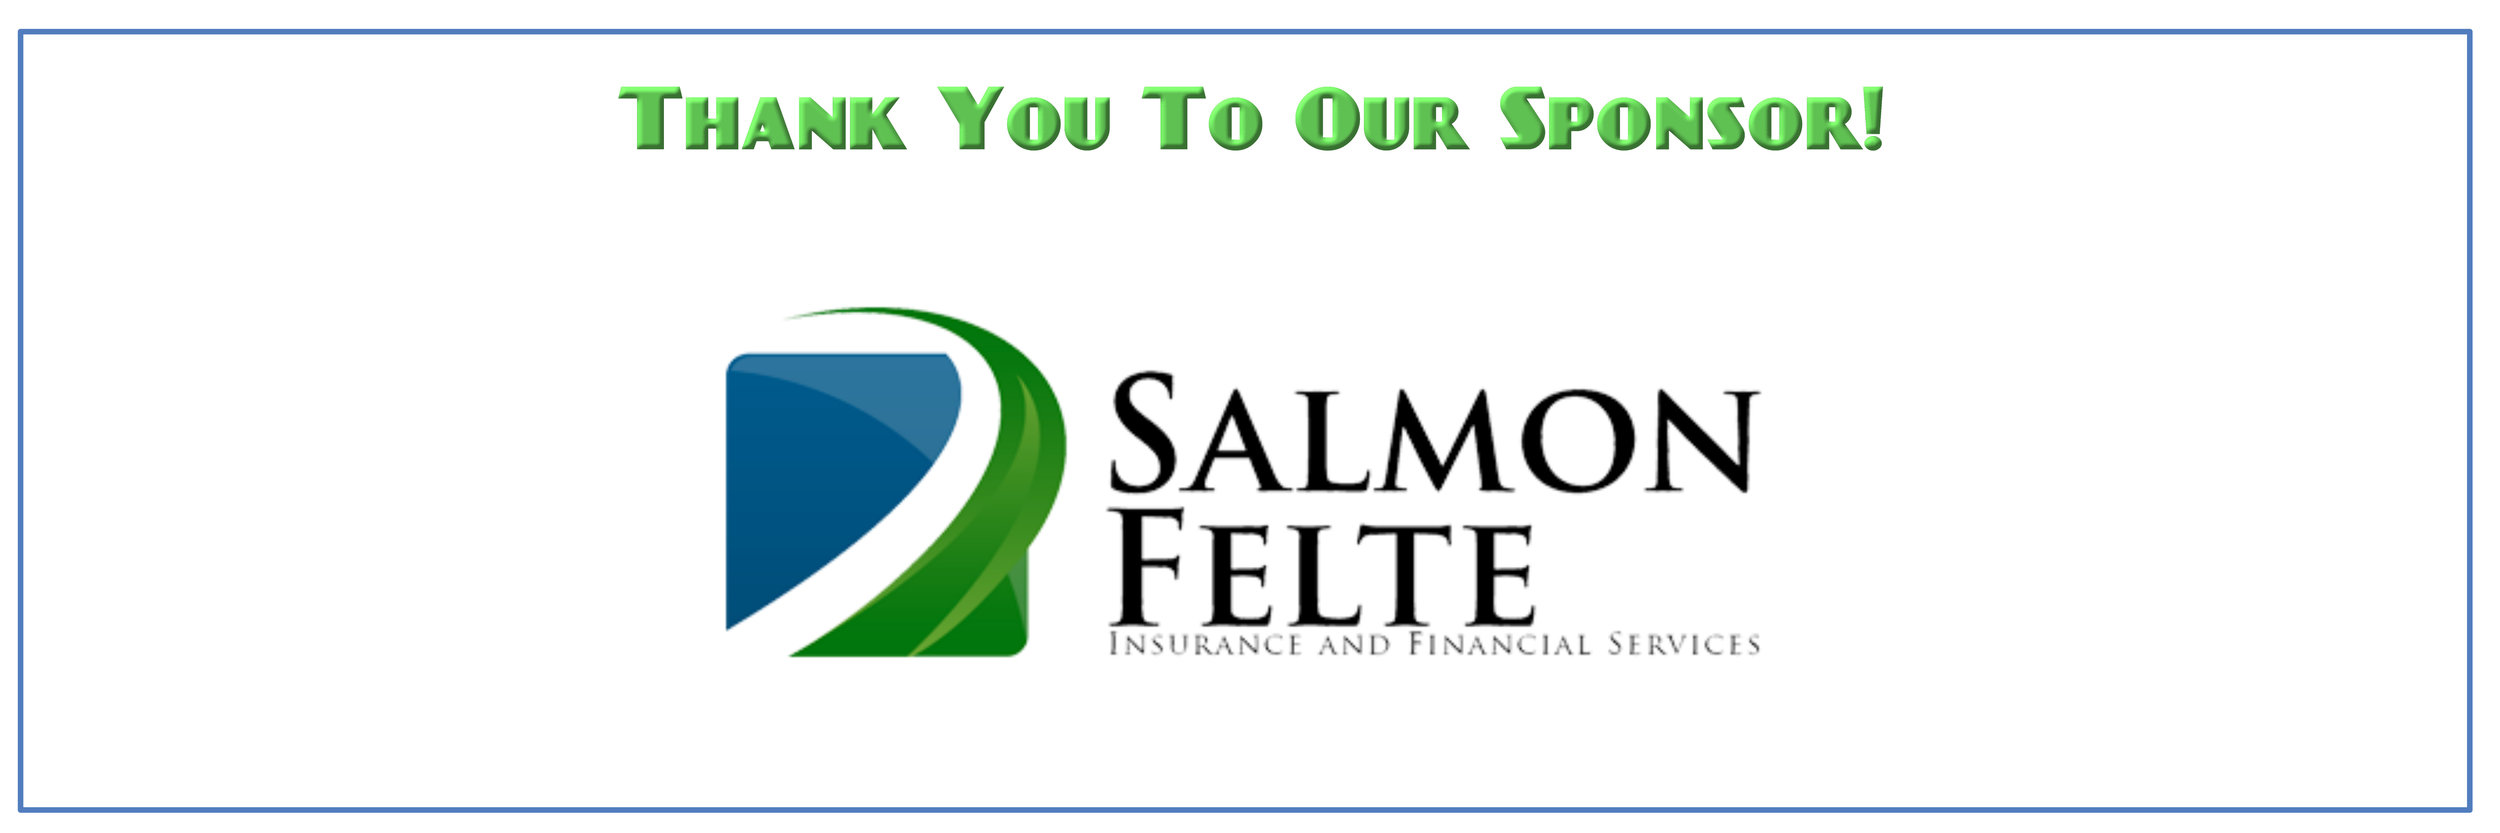 Banner - Salmon Felte.jpg